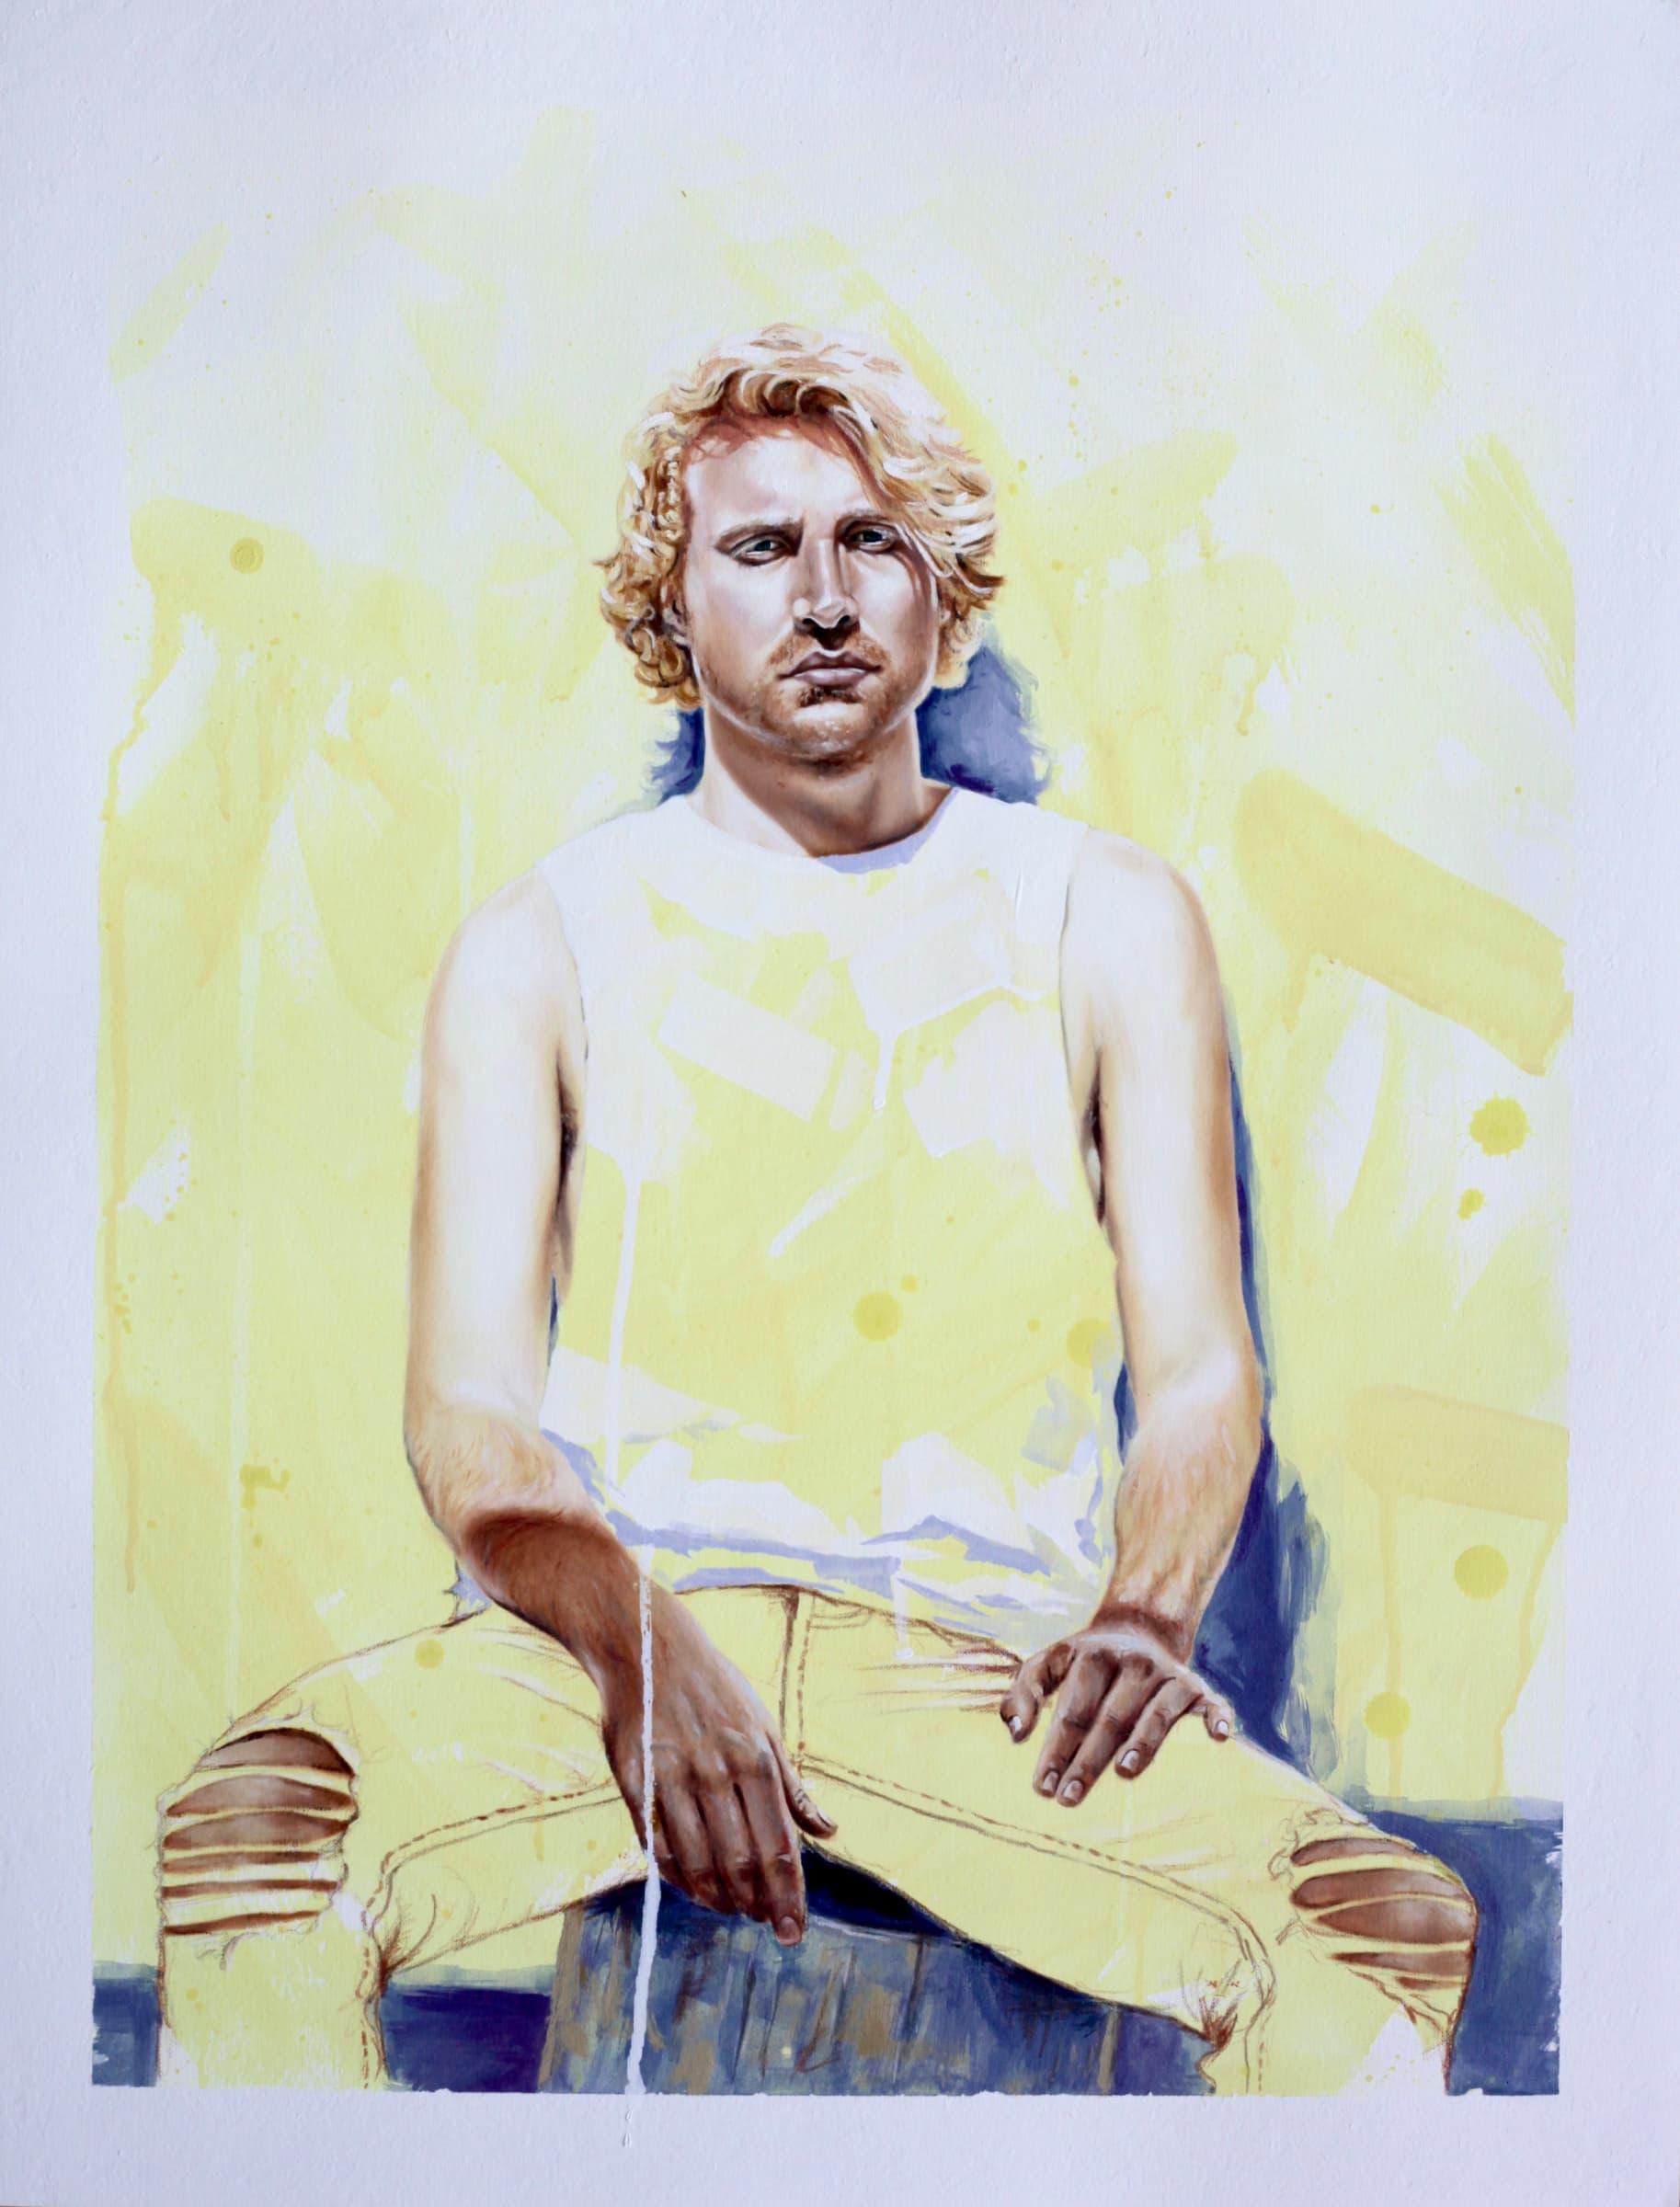 <span class=&#34;link fancybox-details-link&#34;><a href=&#34;/artists/60-craig-cameron-mackintosh/works/988-craig-cameron-mackintosh-wallflower-2016/&#34;>View Detail Page</a></span><div class=&#34;artist&#34;><strong>Craig Cameron-Mackintosh</strong></div> <div class=&#34;title&#34;><em>Wallflower</em>, 2016</div> <div class=&#34;medium&#34;>Oil On Paper</div> <div class=&#34;dimensions&#34;>68cm x 53cm</div><div class=&#34;price&#34;>R7,800.00</div>